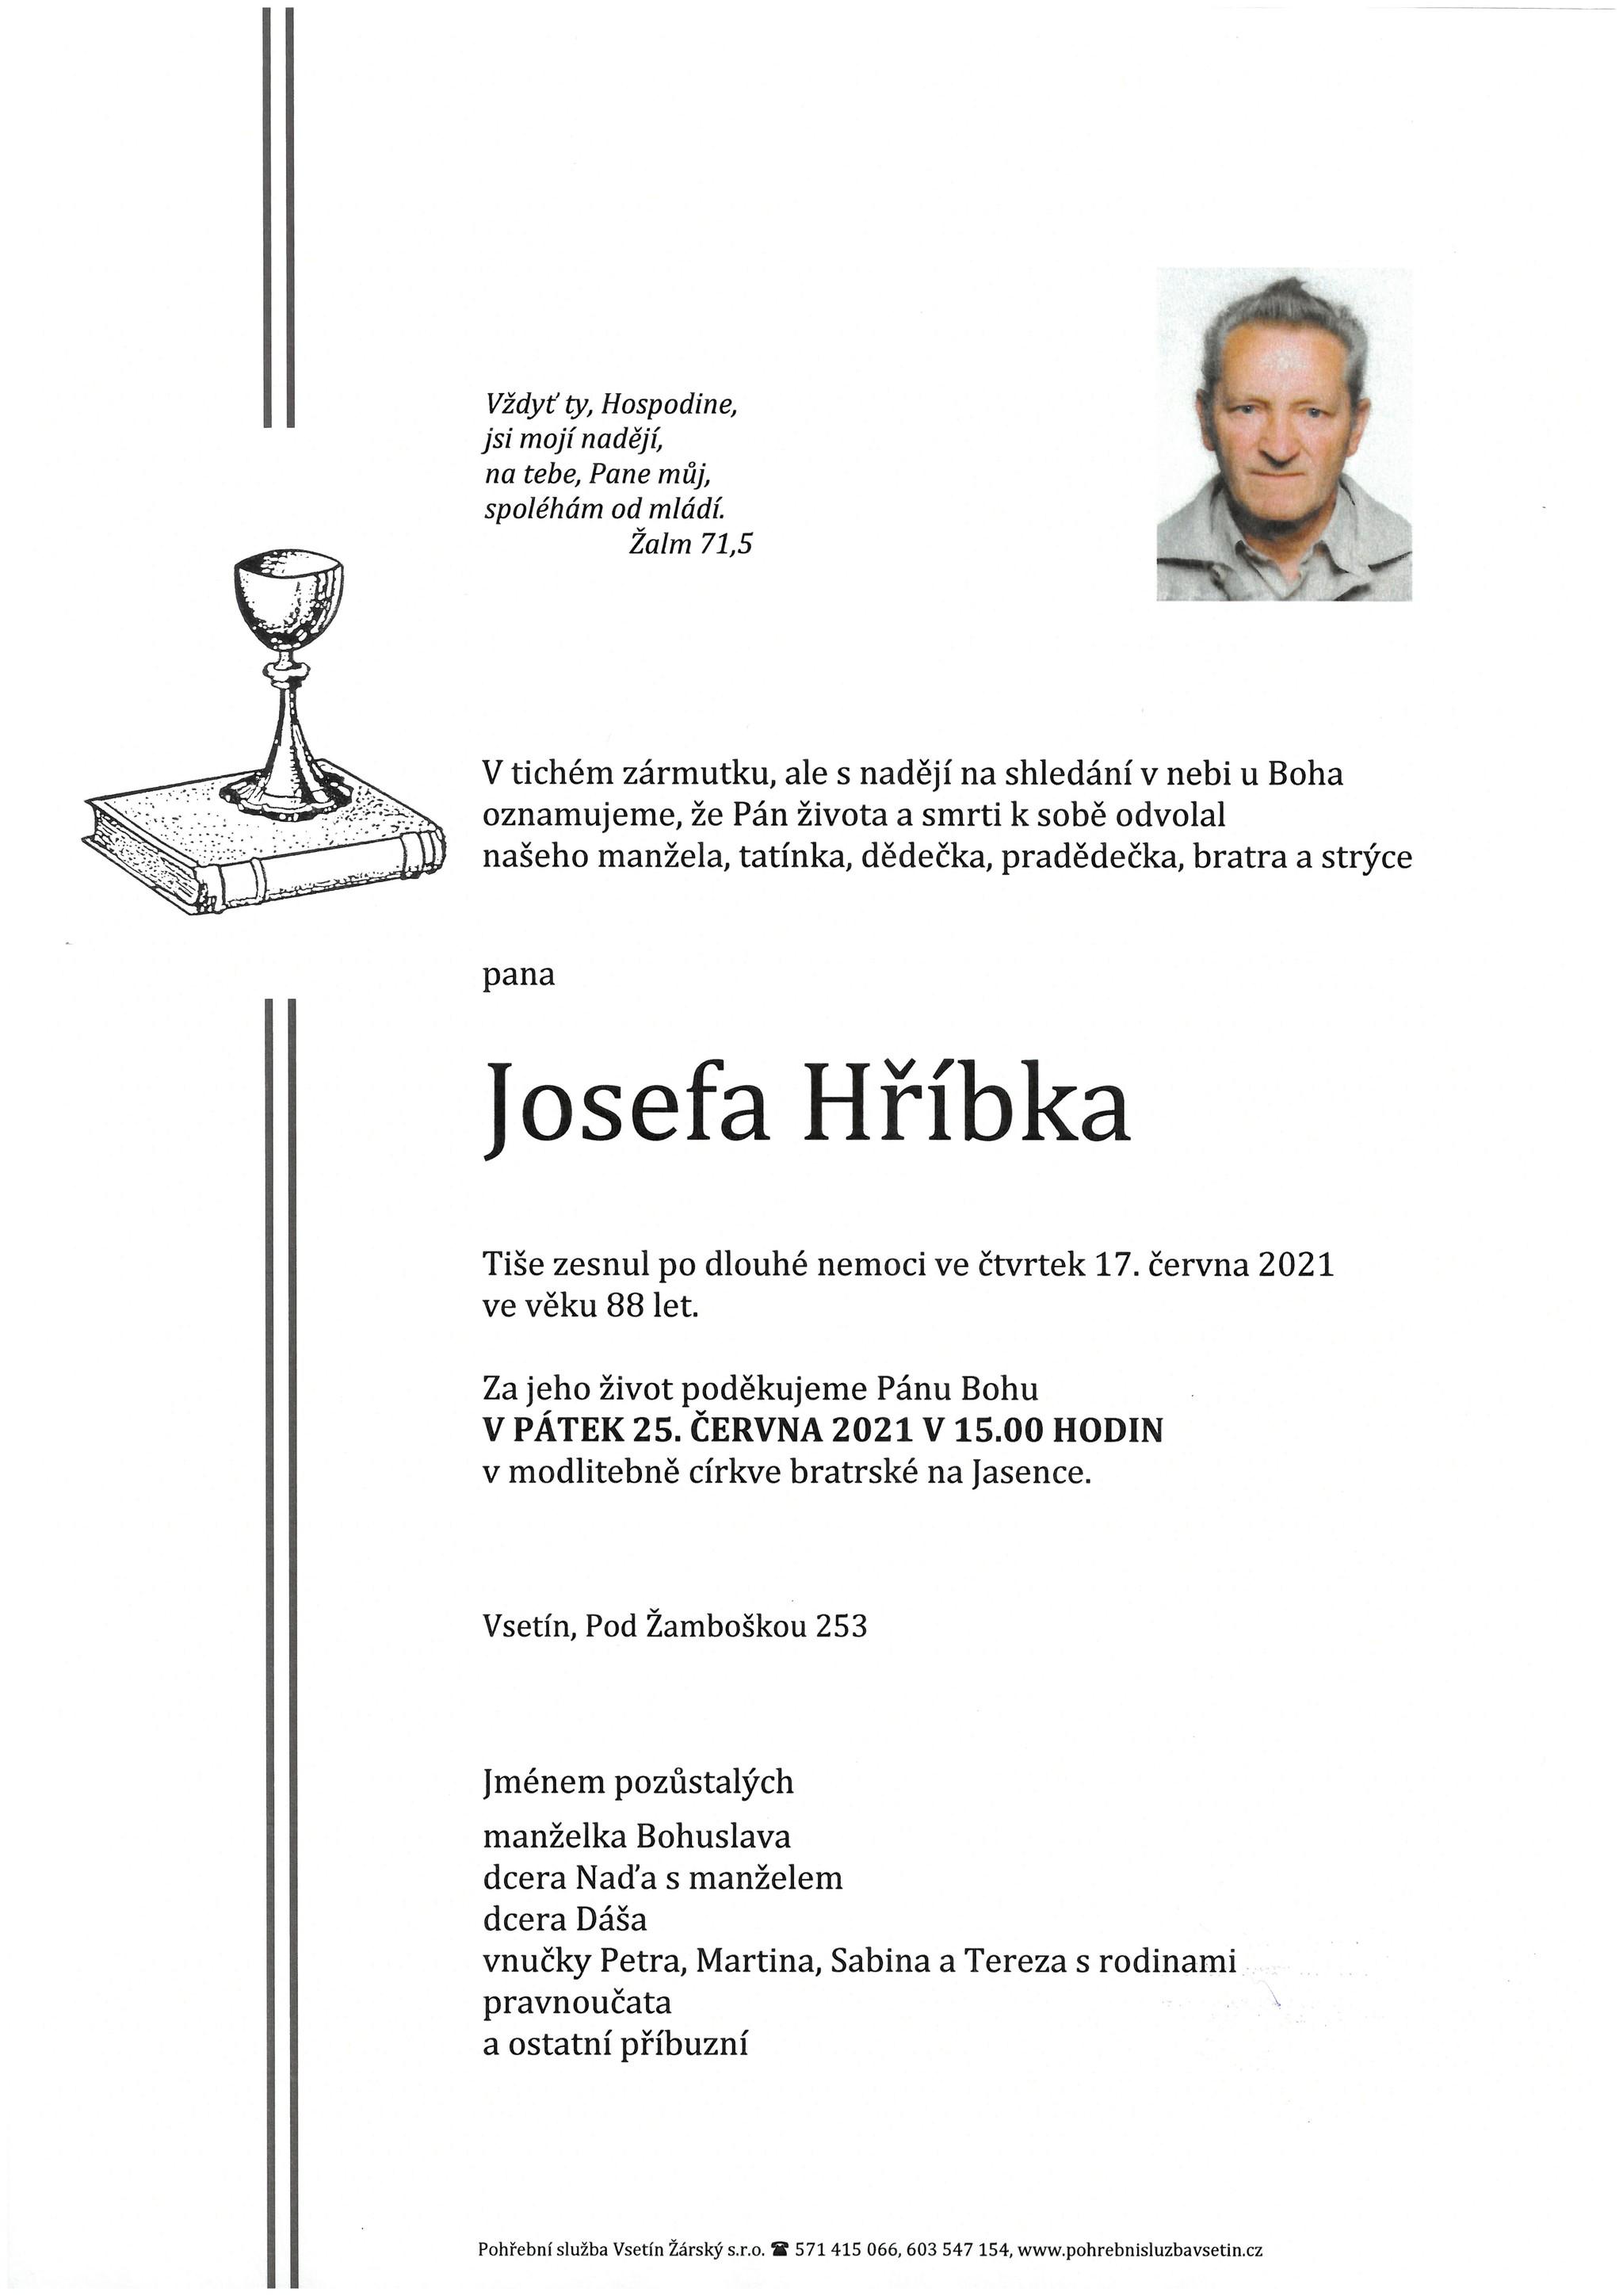 Josef Hříbek